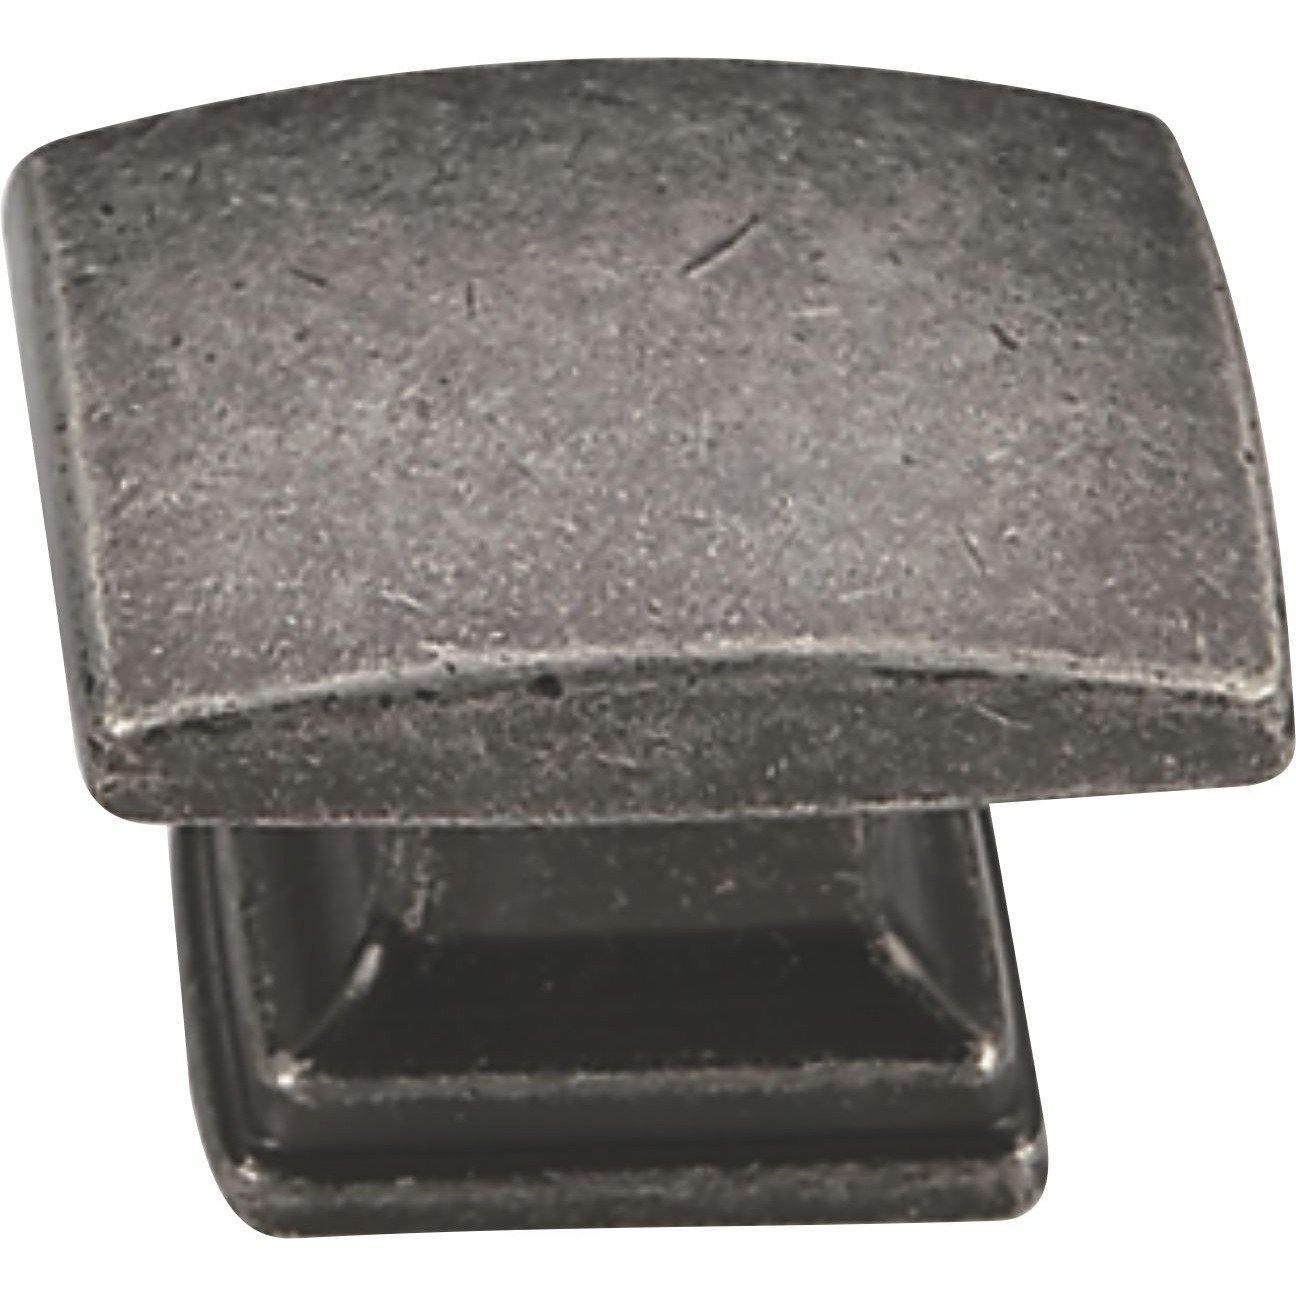 Antique Pewter Rectangular Cupboard Knob